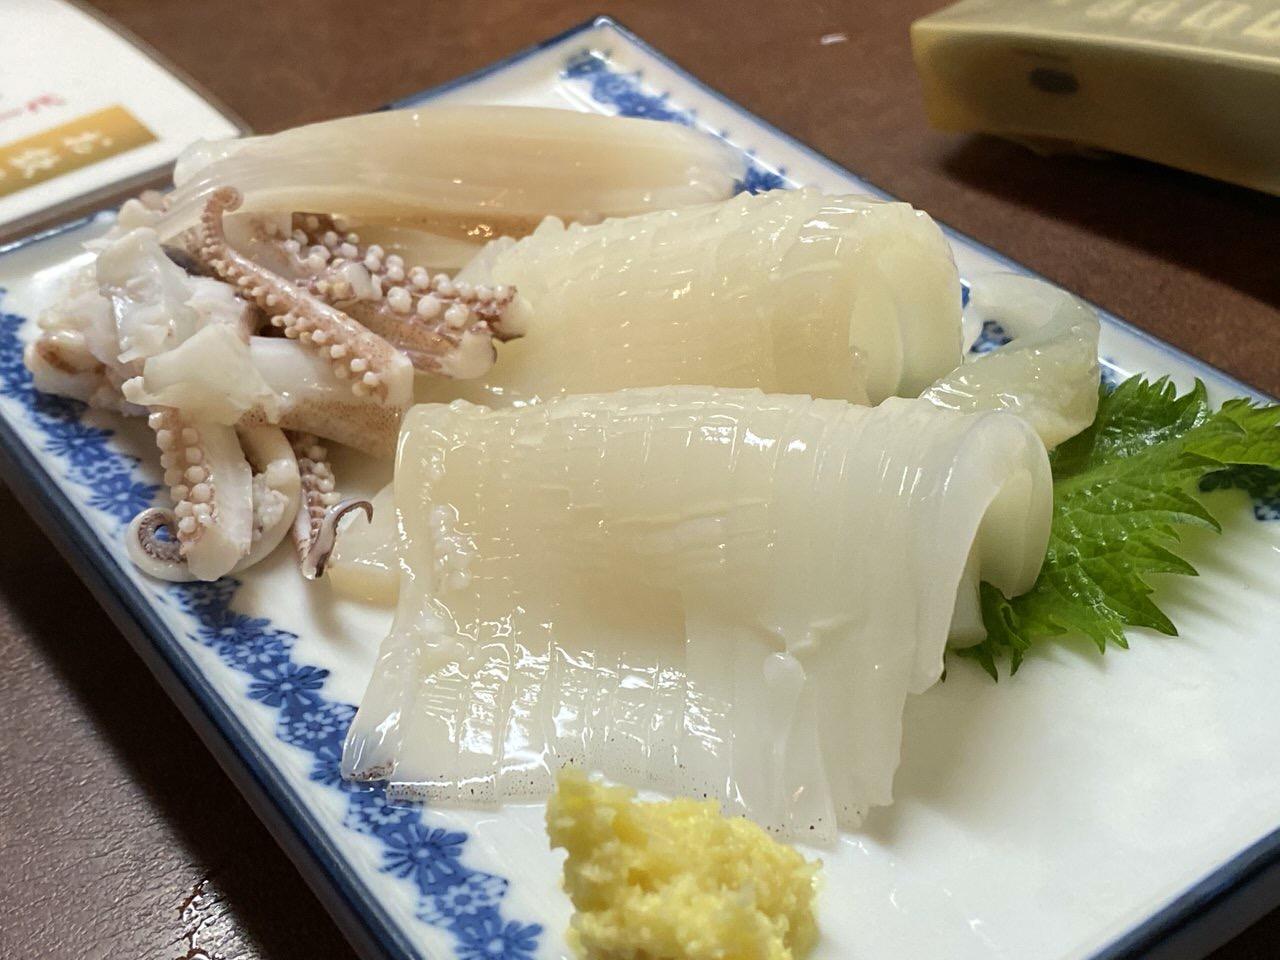 「ほりかご」居酒屋(板橋)11 刺身